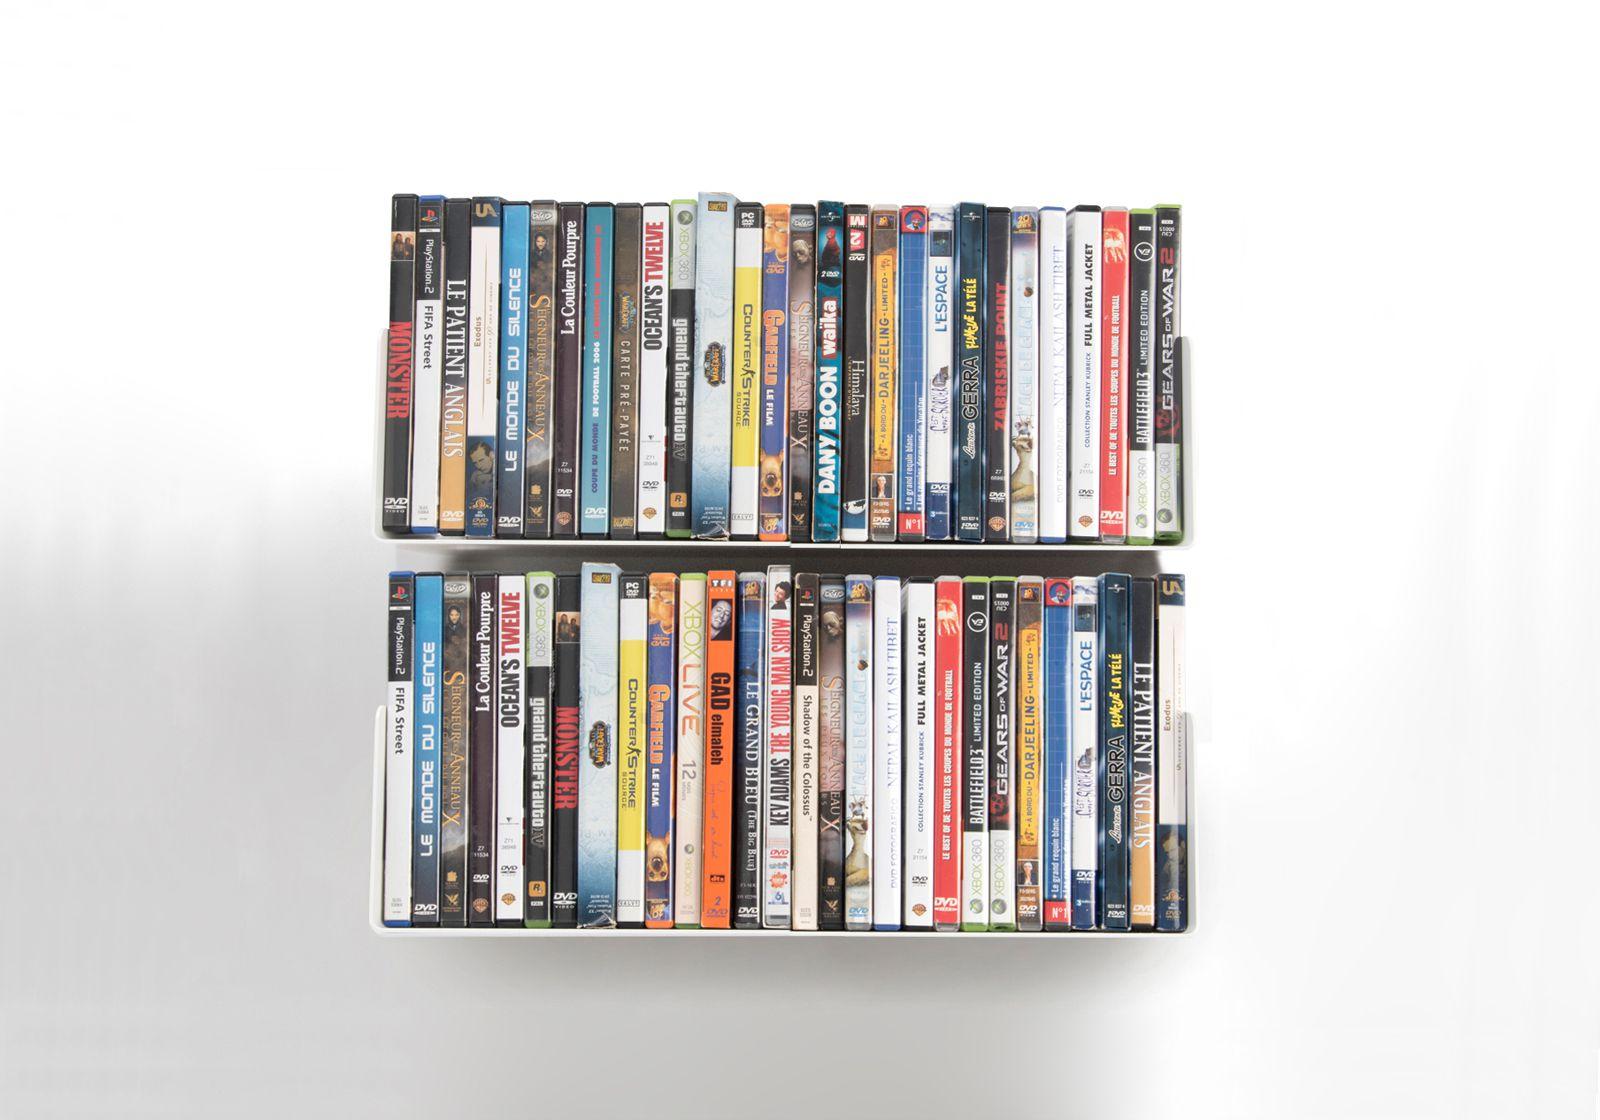 DVD storage   Set of 2 USDVD